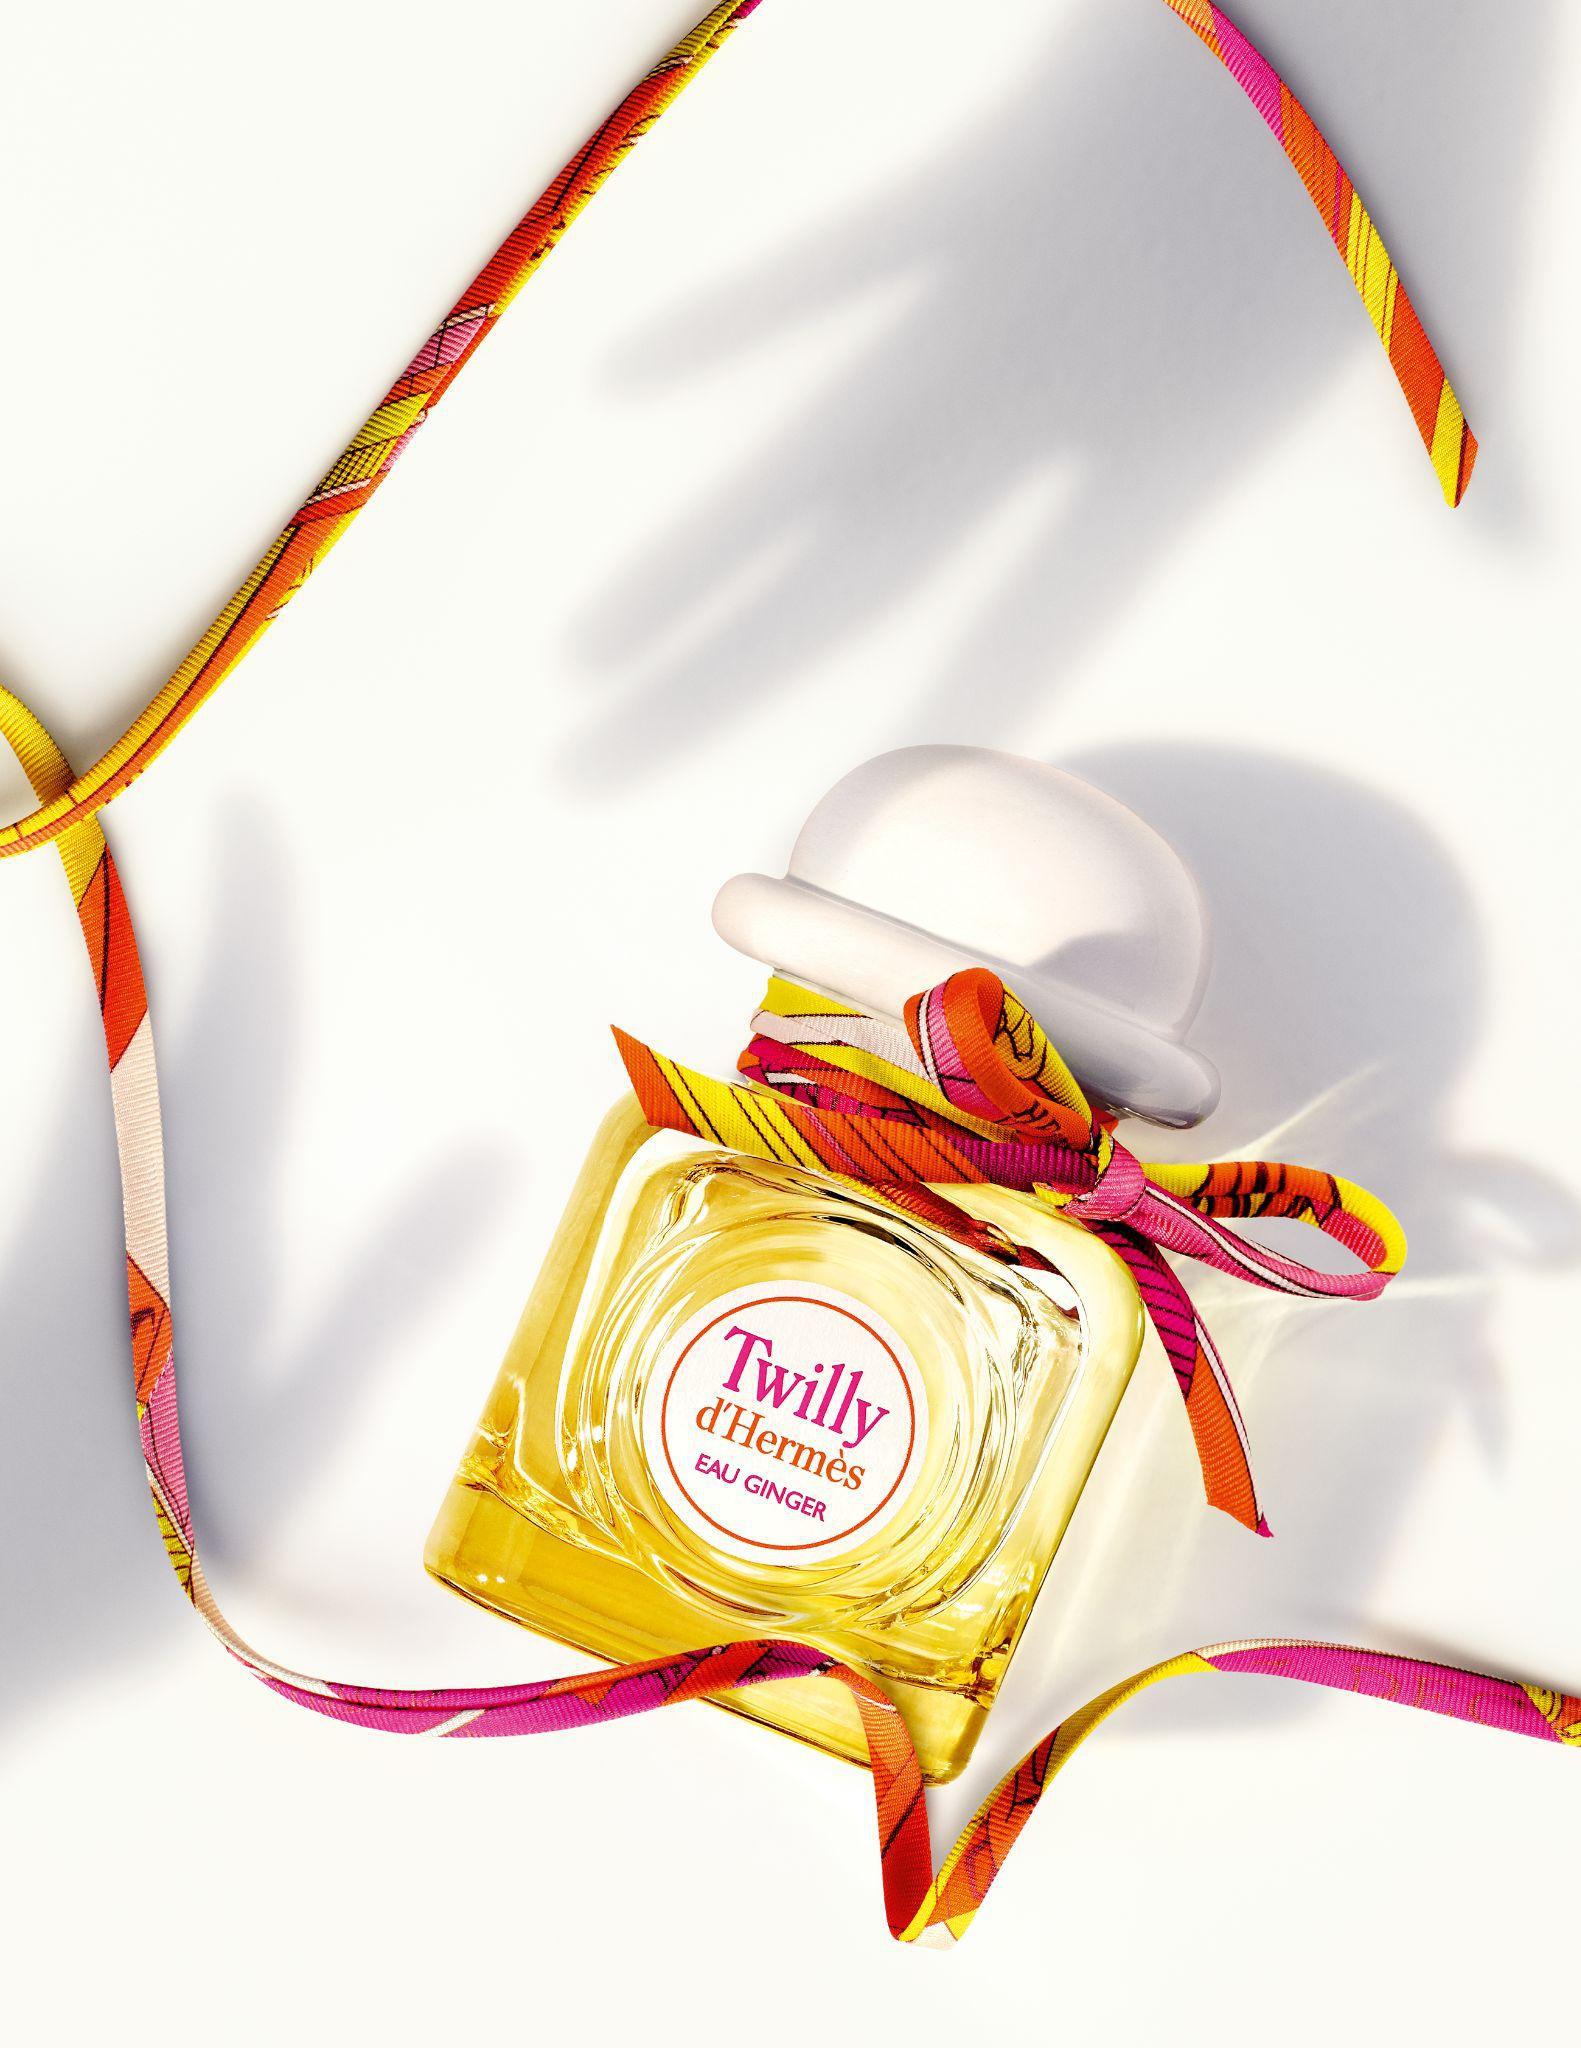 Nước hoa Twilly d'Hermès Eau Ginger: Niềm vui ấm áp cho tiết sang Thu - Ảnh 3.